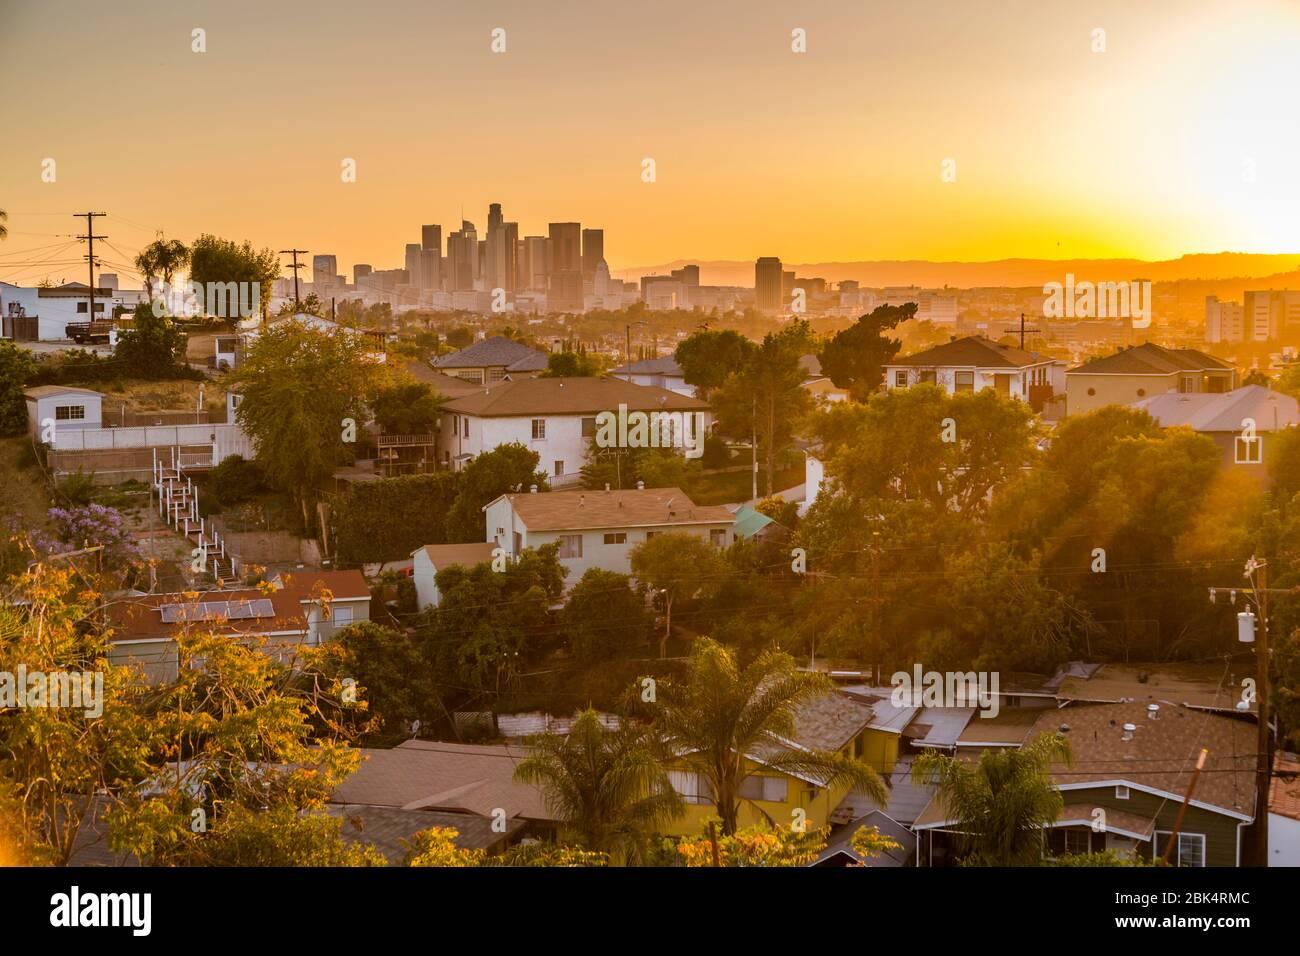 Vue sur les gratte-ciel du centre-ville au coucher du soleil, Los Angeles, Californie, États-Unis d'Amérique Banque D'Images